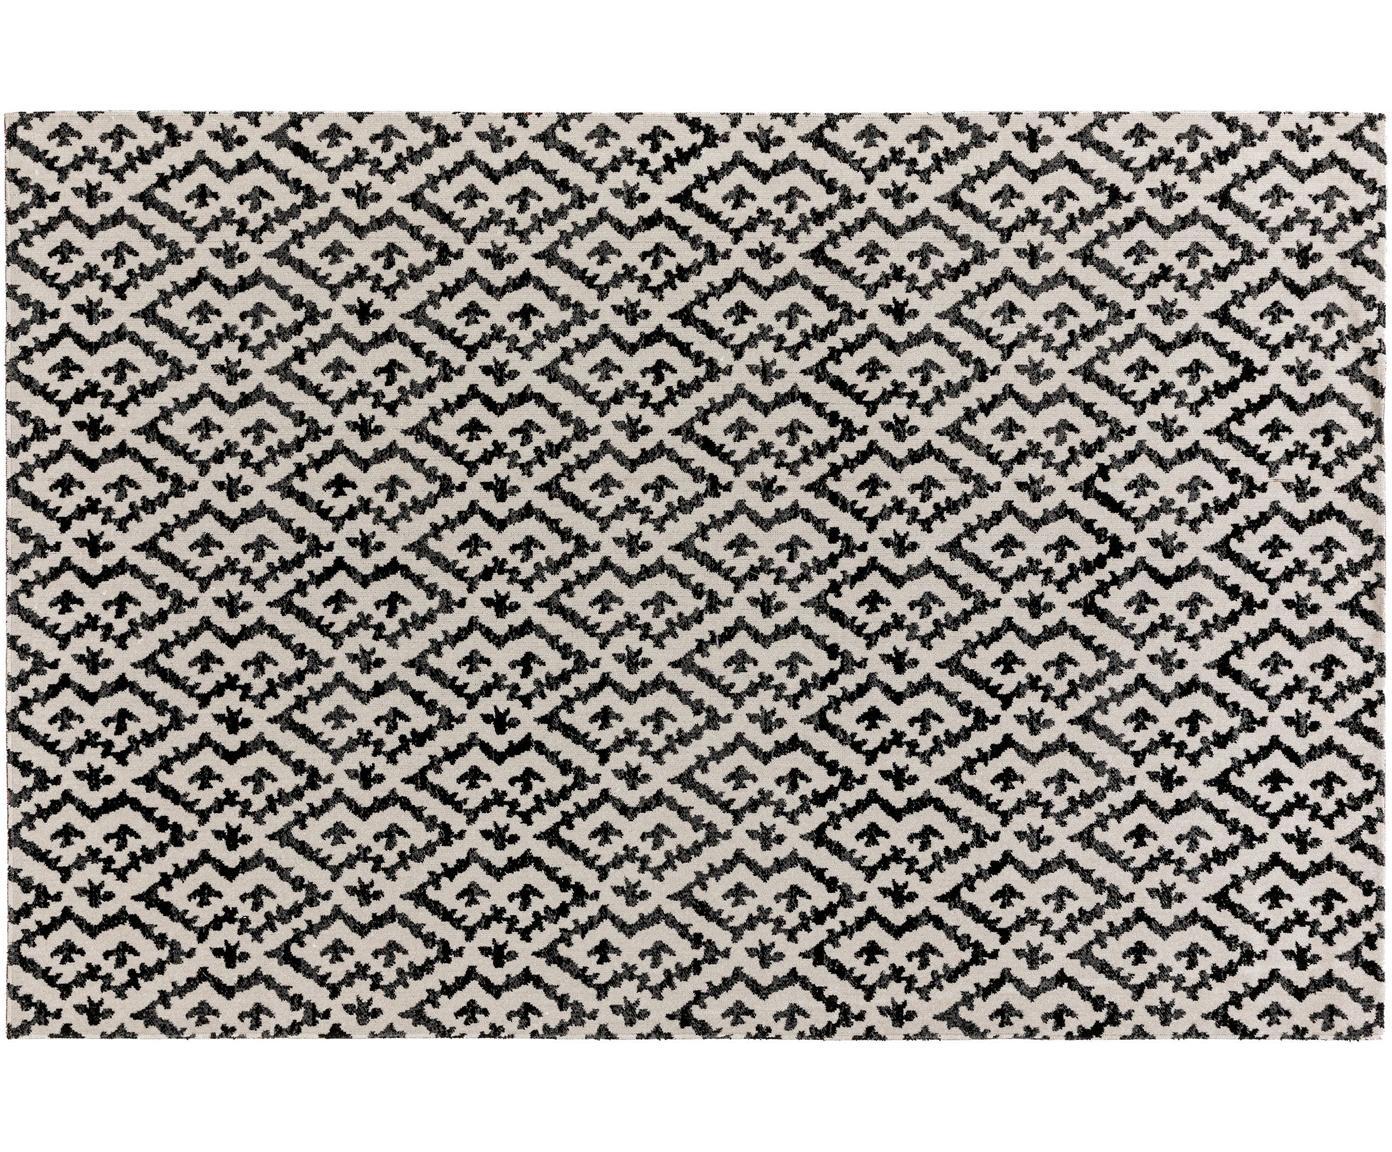 Dywan wewnętrzny/zewnętrzny etno Jerry, Polipropylen, Czarny, biały, S 160 x D 230 cm (Rozmiar M)